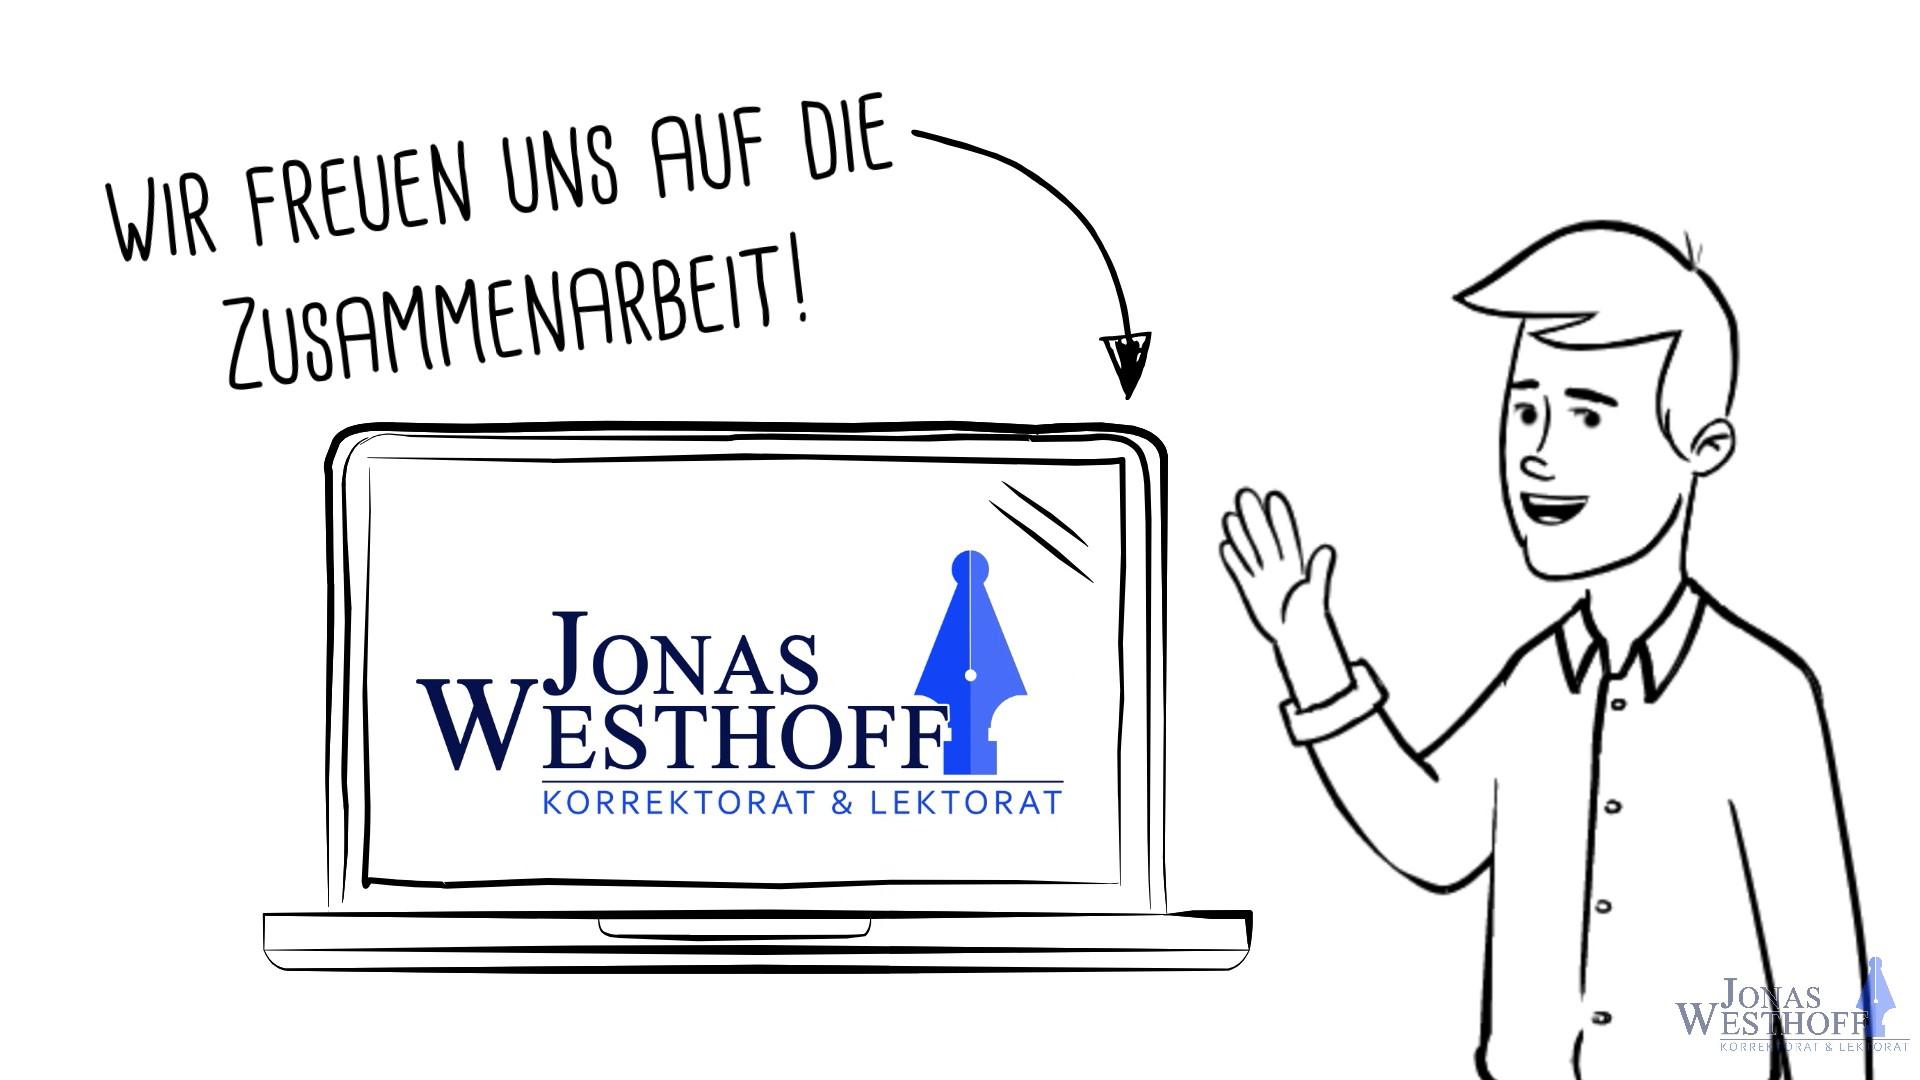 Korrektorat und Lektorat Jonas Westhoff - Wir freuen uns auf eine Zusammenarbeit